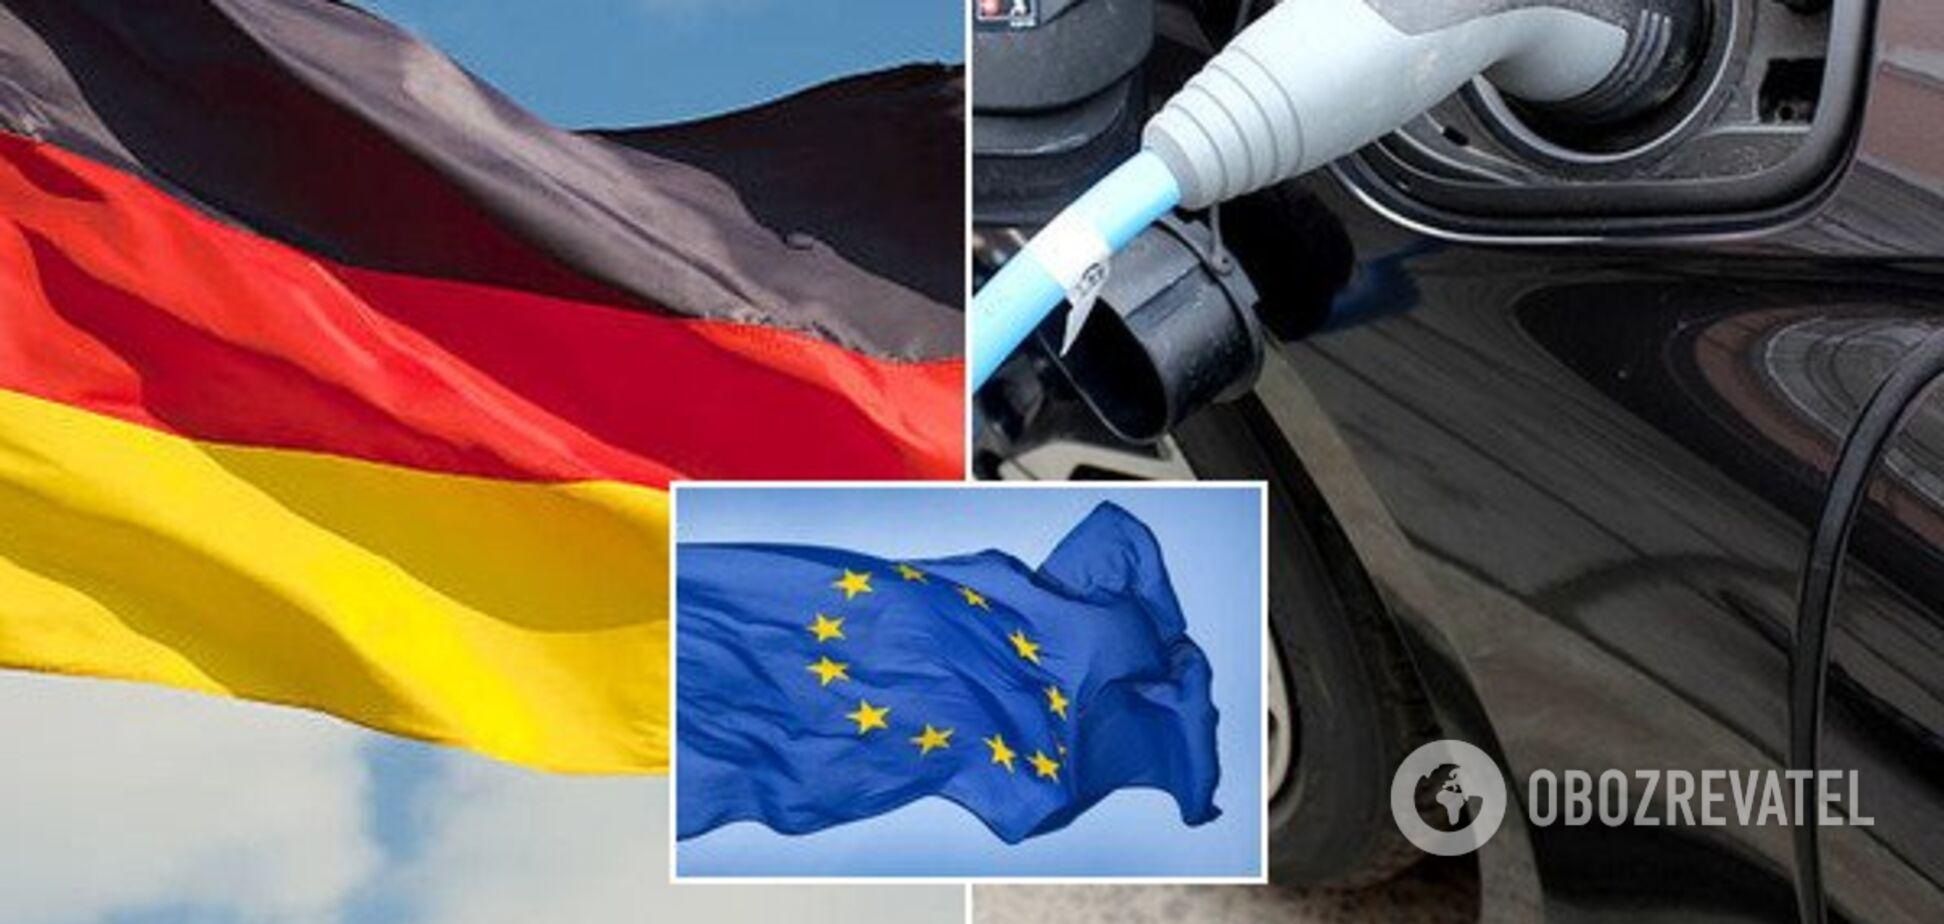 Зарядній інфраструктурі Європи прибуло: побудують 100 тисяч нових зарядних станцій